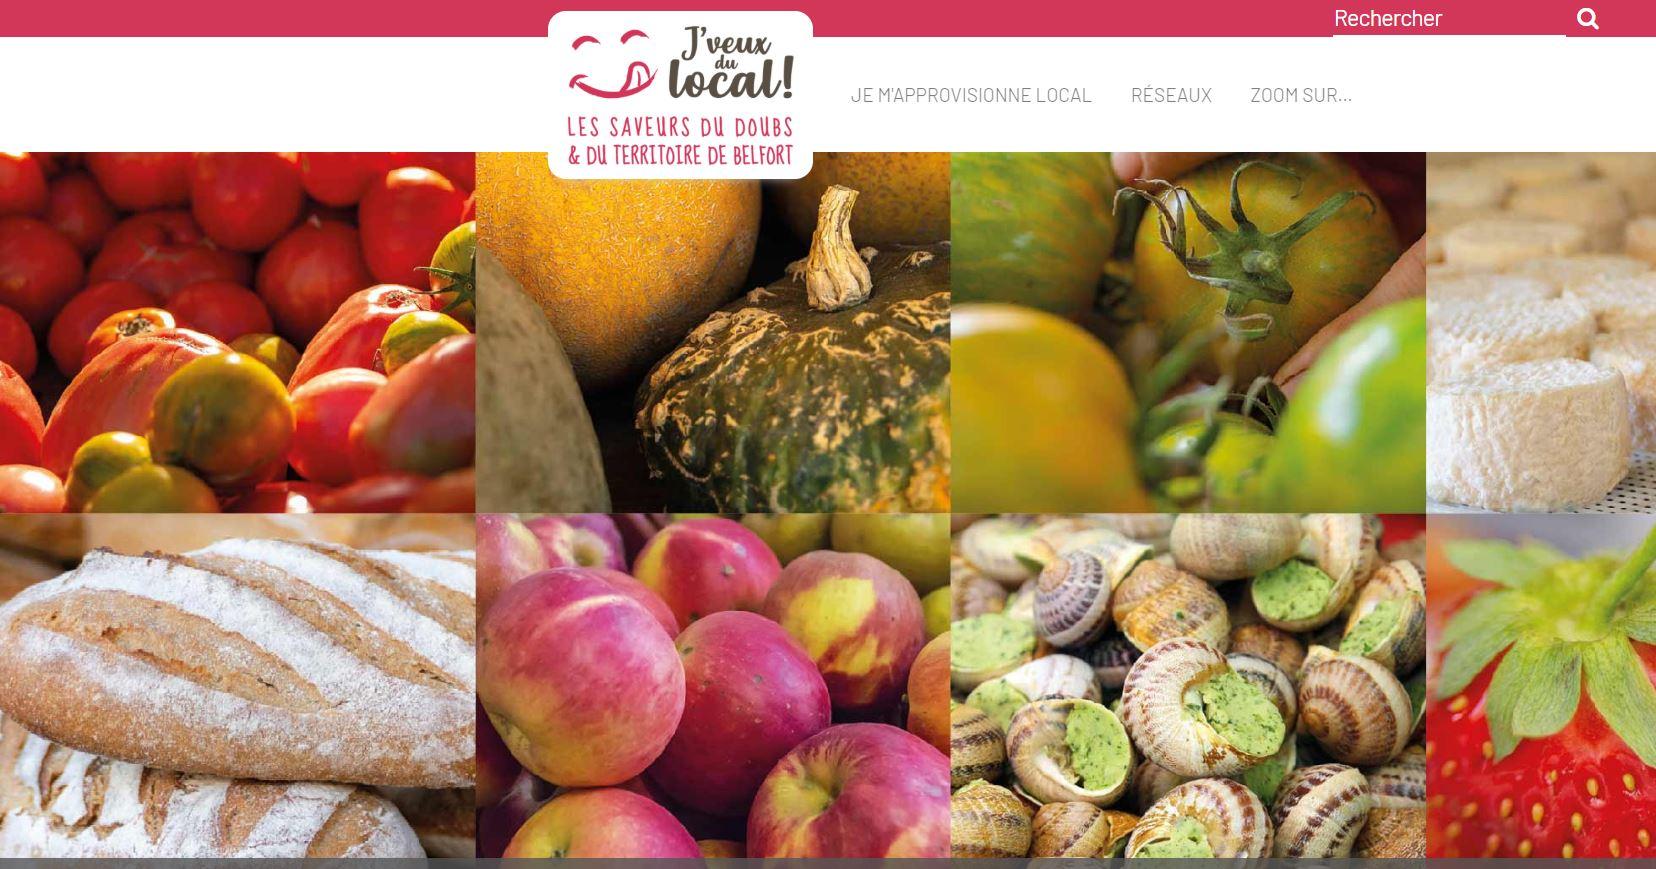 """La page d'accueil du site """"jveuxdulocal"""" pour le Doubs et le Territoire de Belfort."""